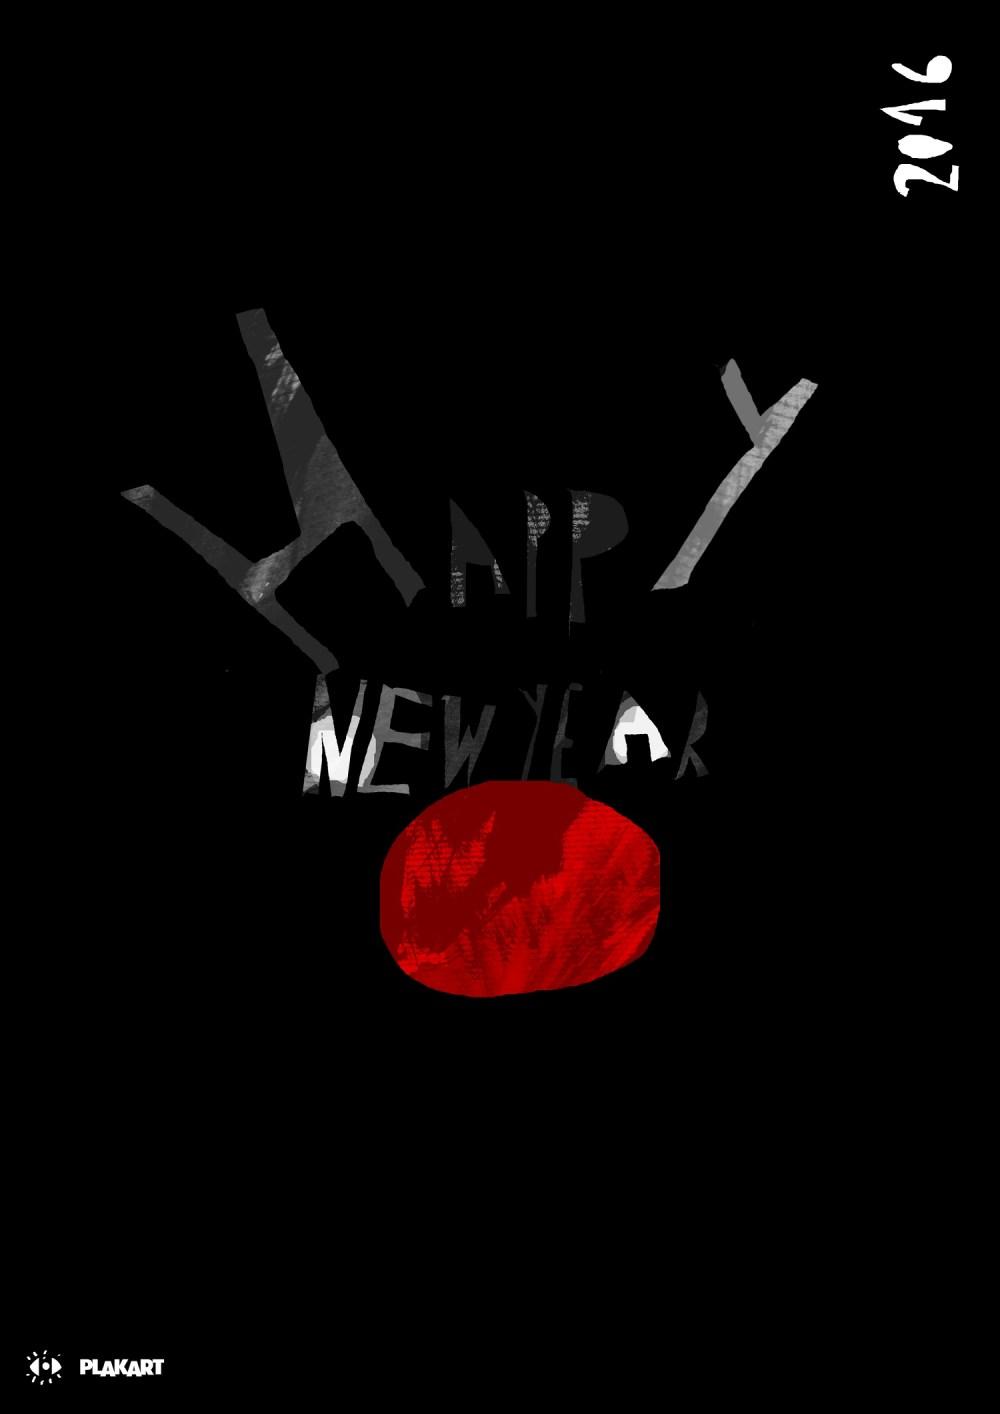 Happy New 2016!